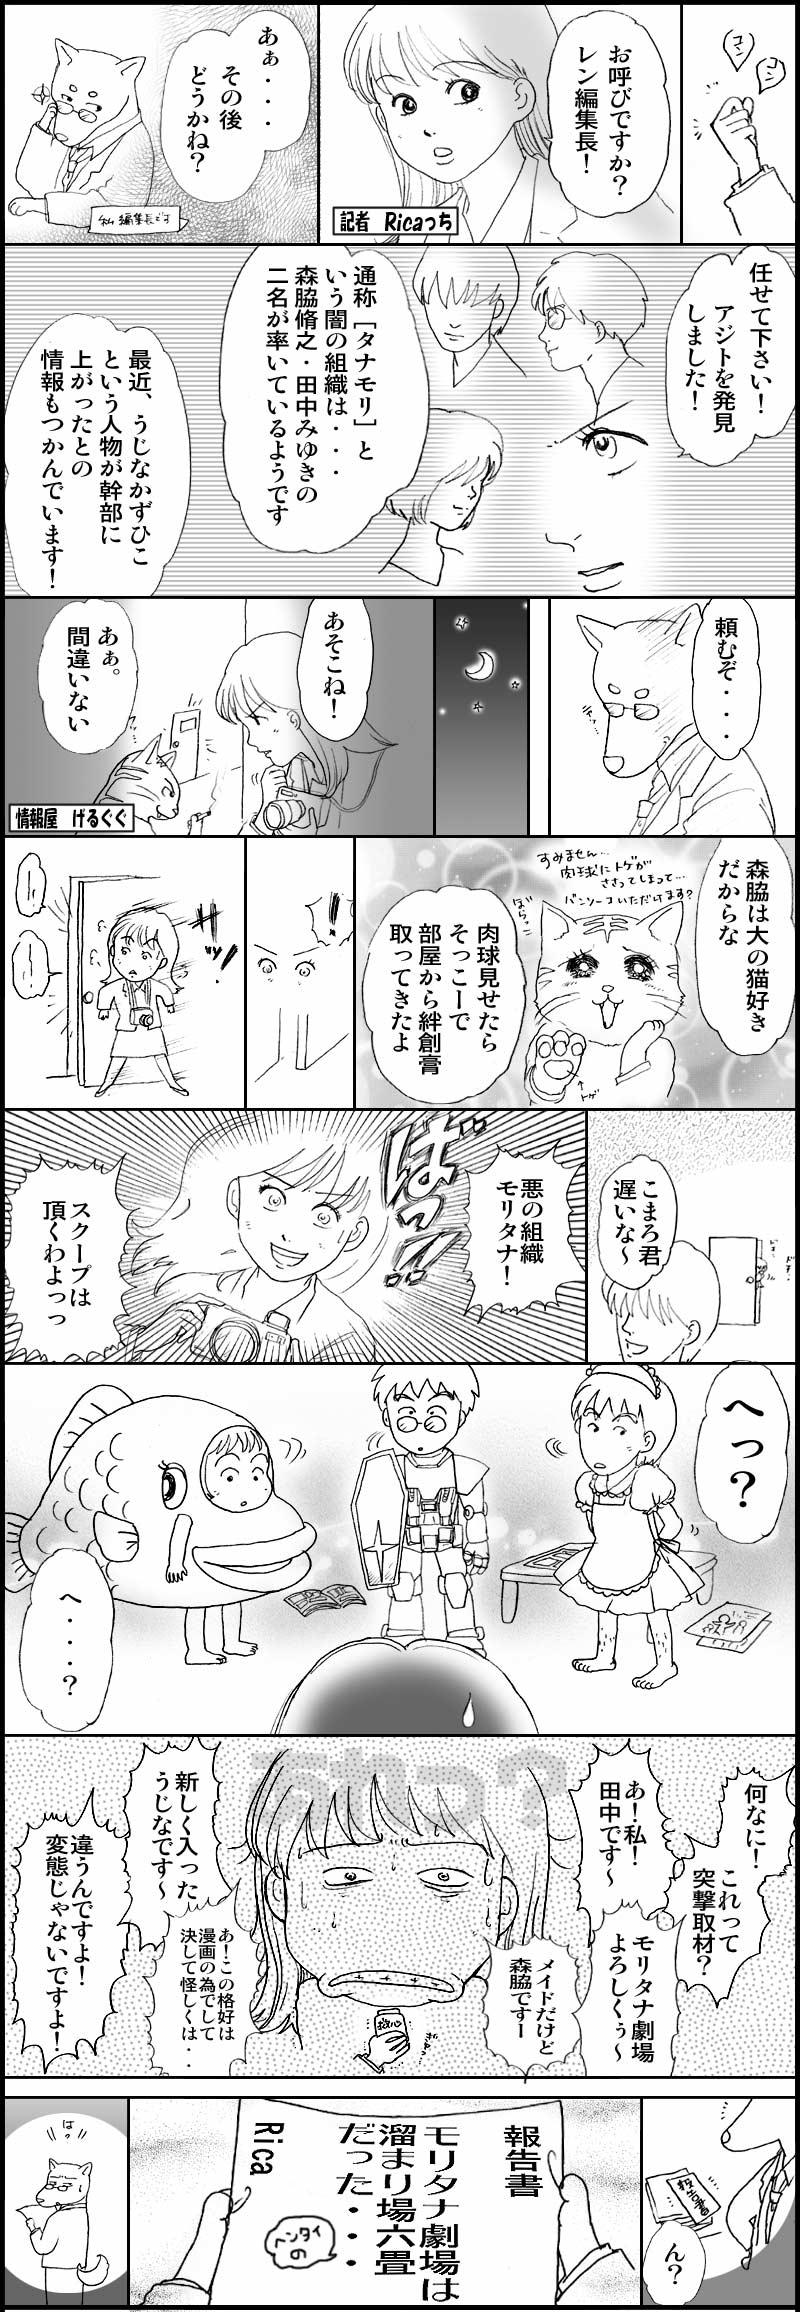 モリタナ劇場『つながってマンガな』第6回〜Ricaっち記者、現るっ!〜_f0119369_22545675.jpg